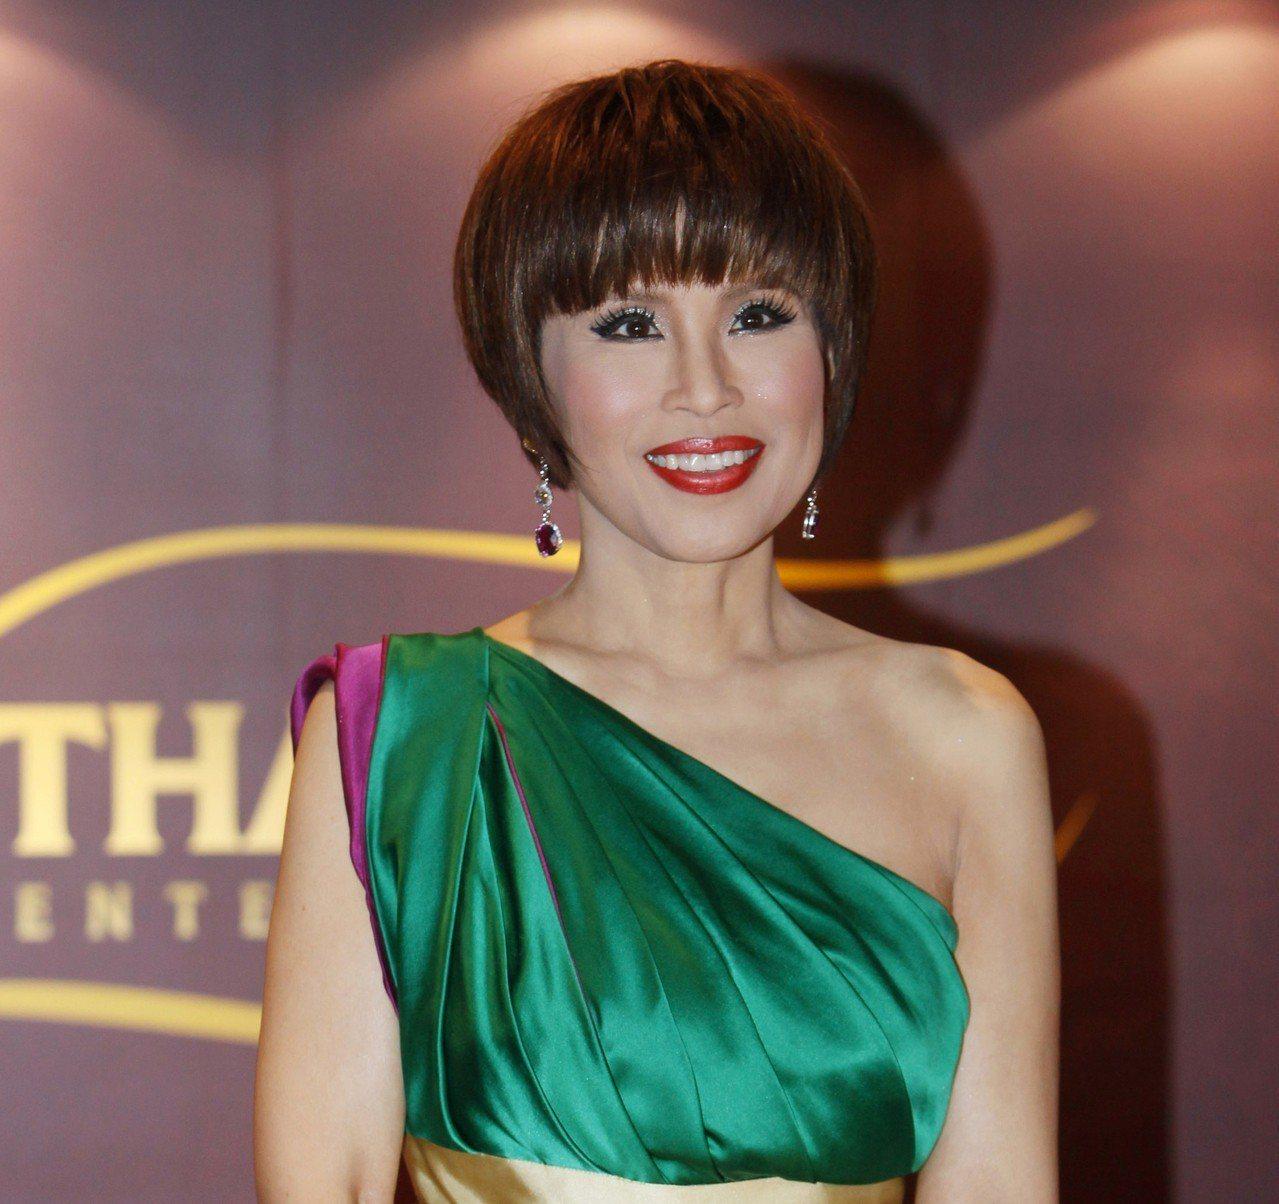 泰愛國黨推派烏汶叻公主競選泰國總理,但僅一天便戲劇性逆轉。 美聯社